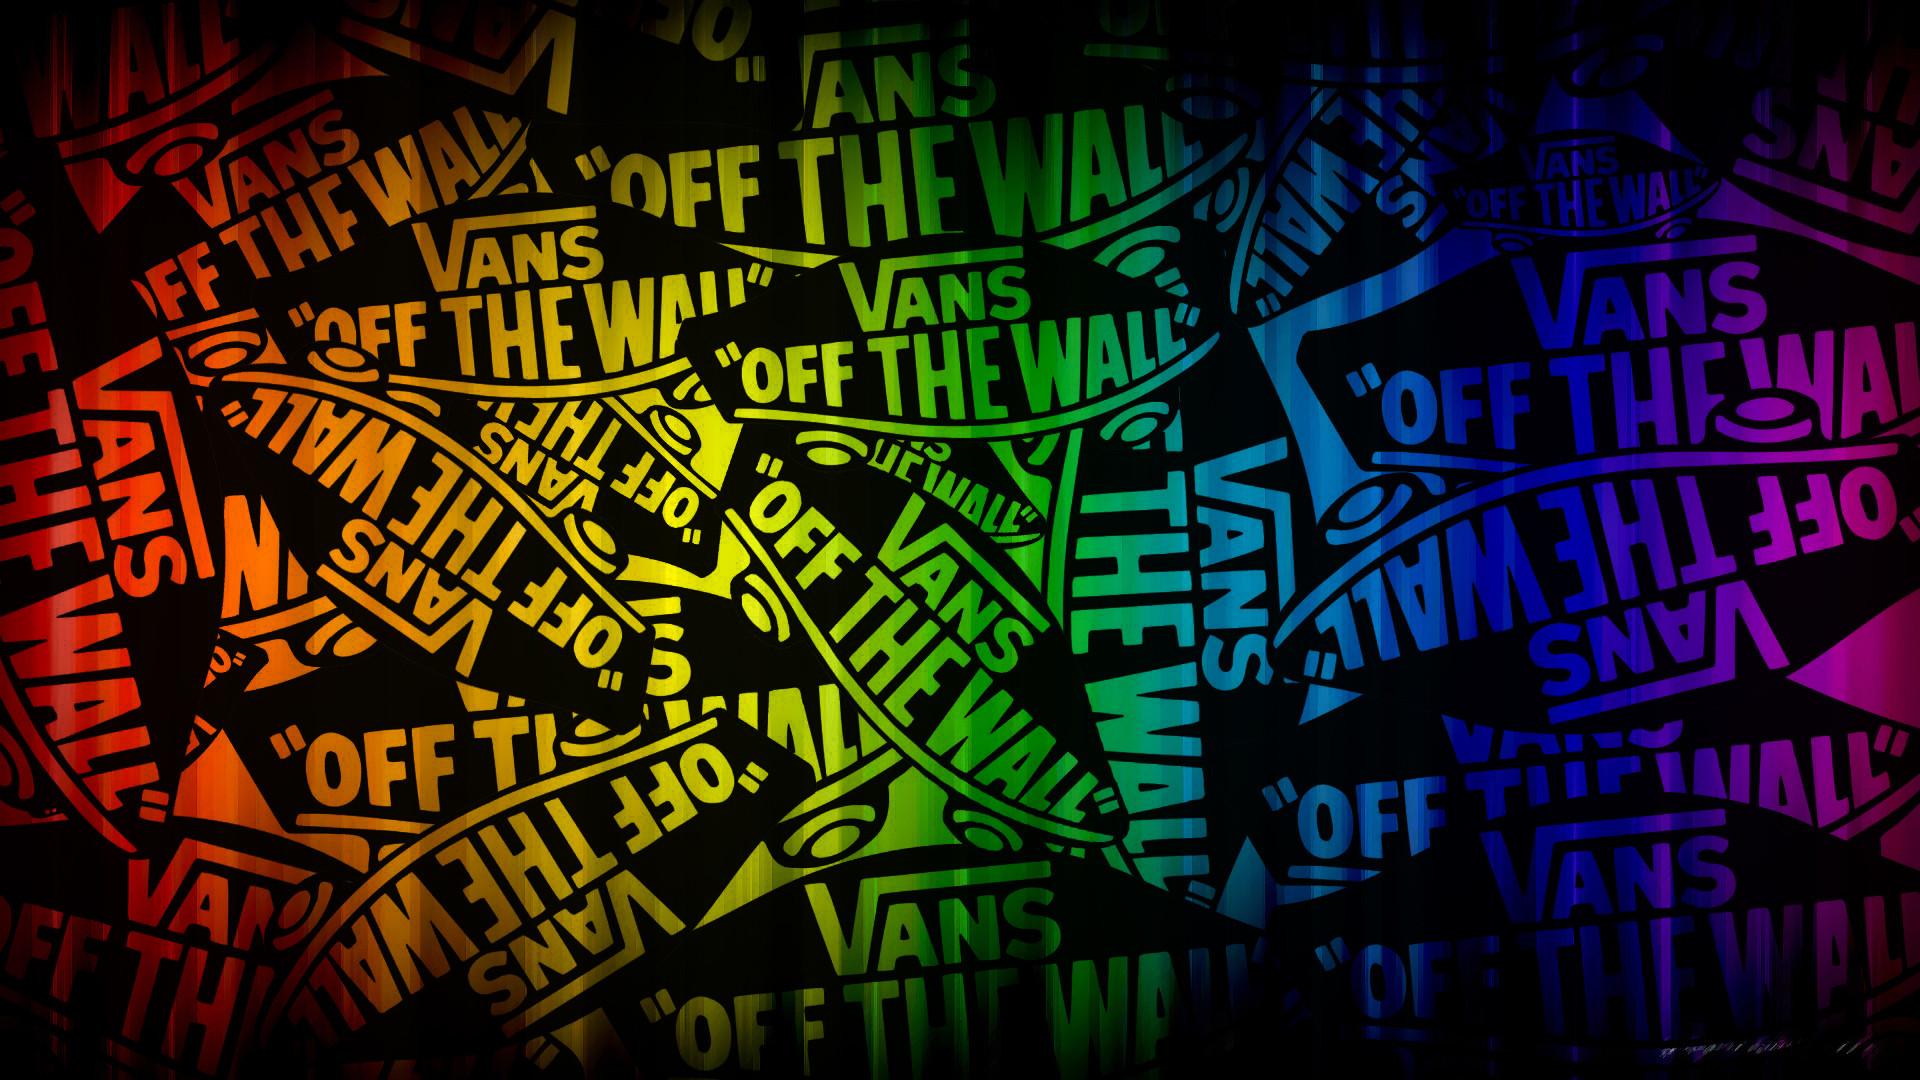 Vans Wallpaper Iphone 7 Best Hd Wallpaper